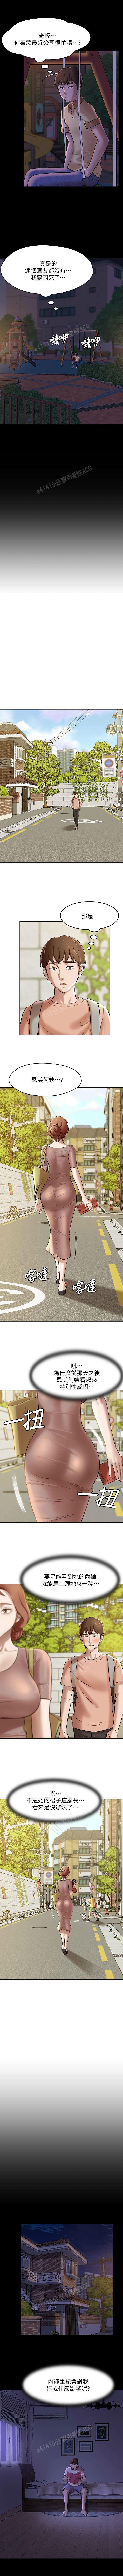 panty note 小褲褲筆記 小裤裤笔记 01-35 连载中 中文 重新排序 Reorder 62